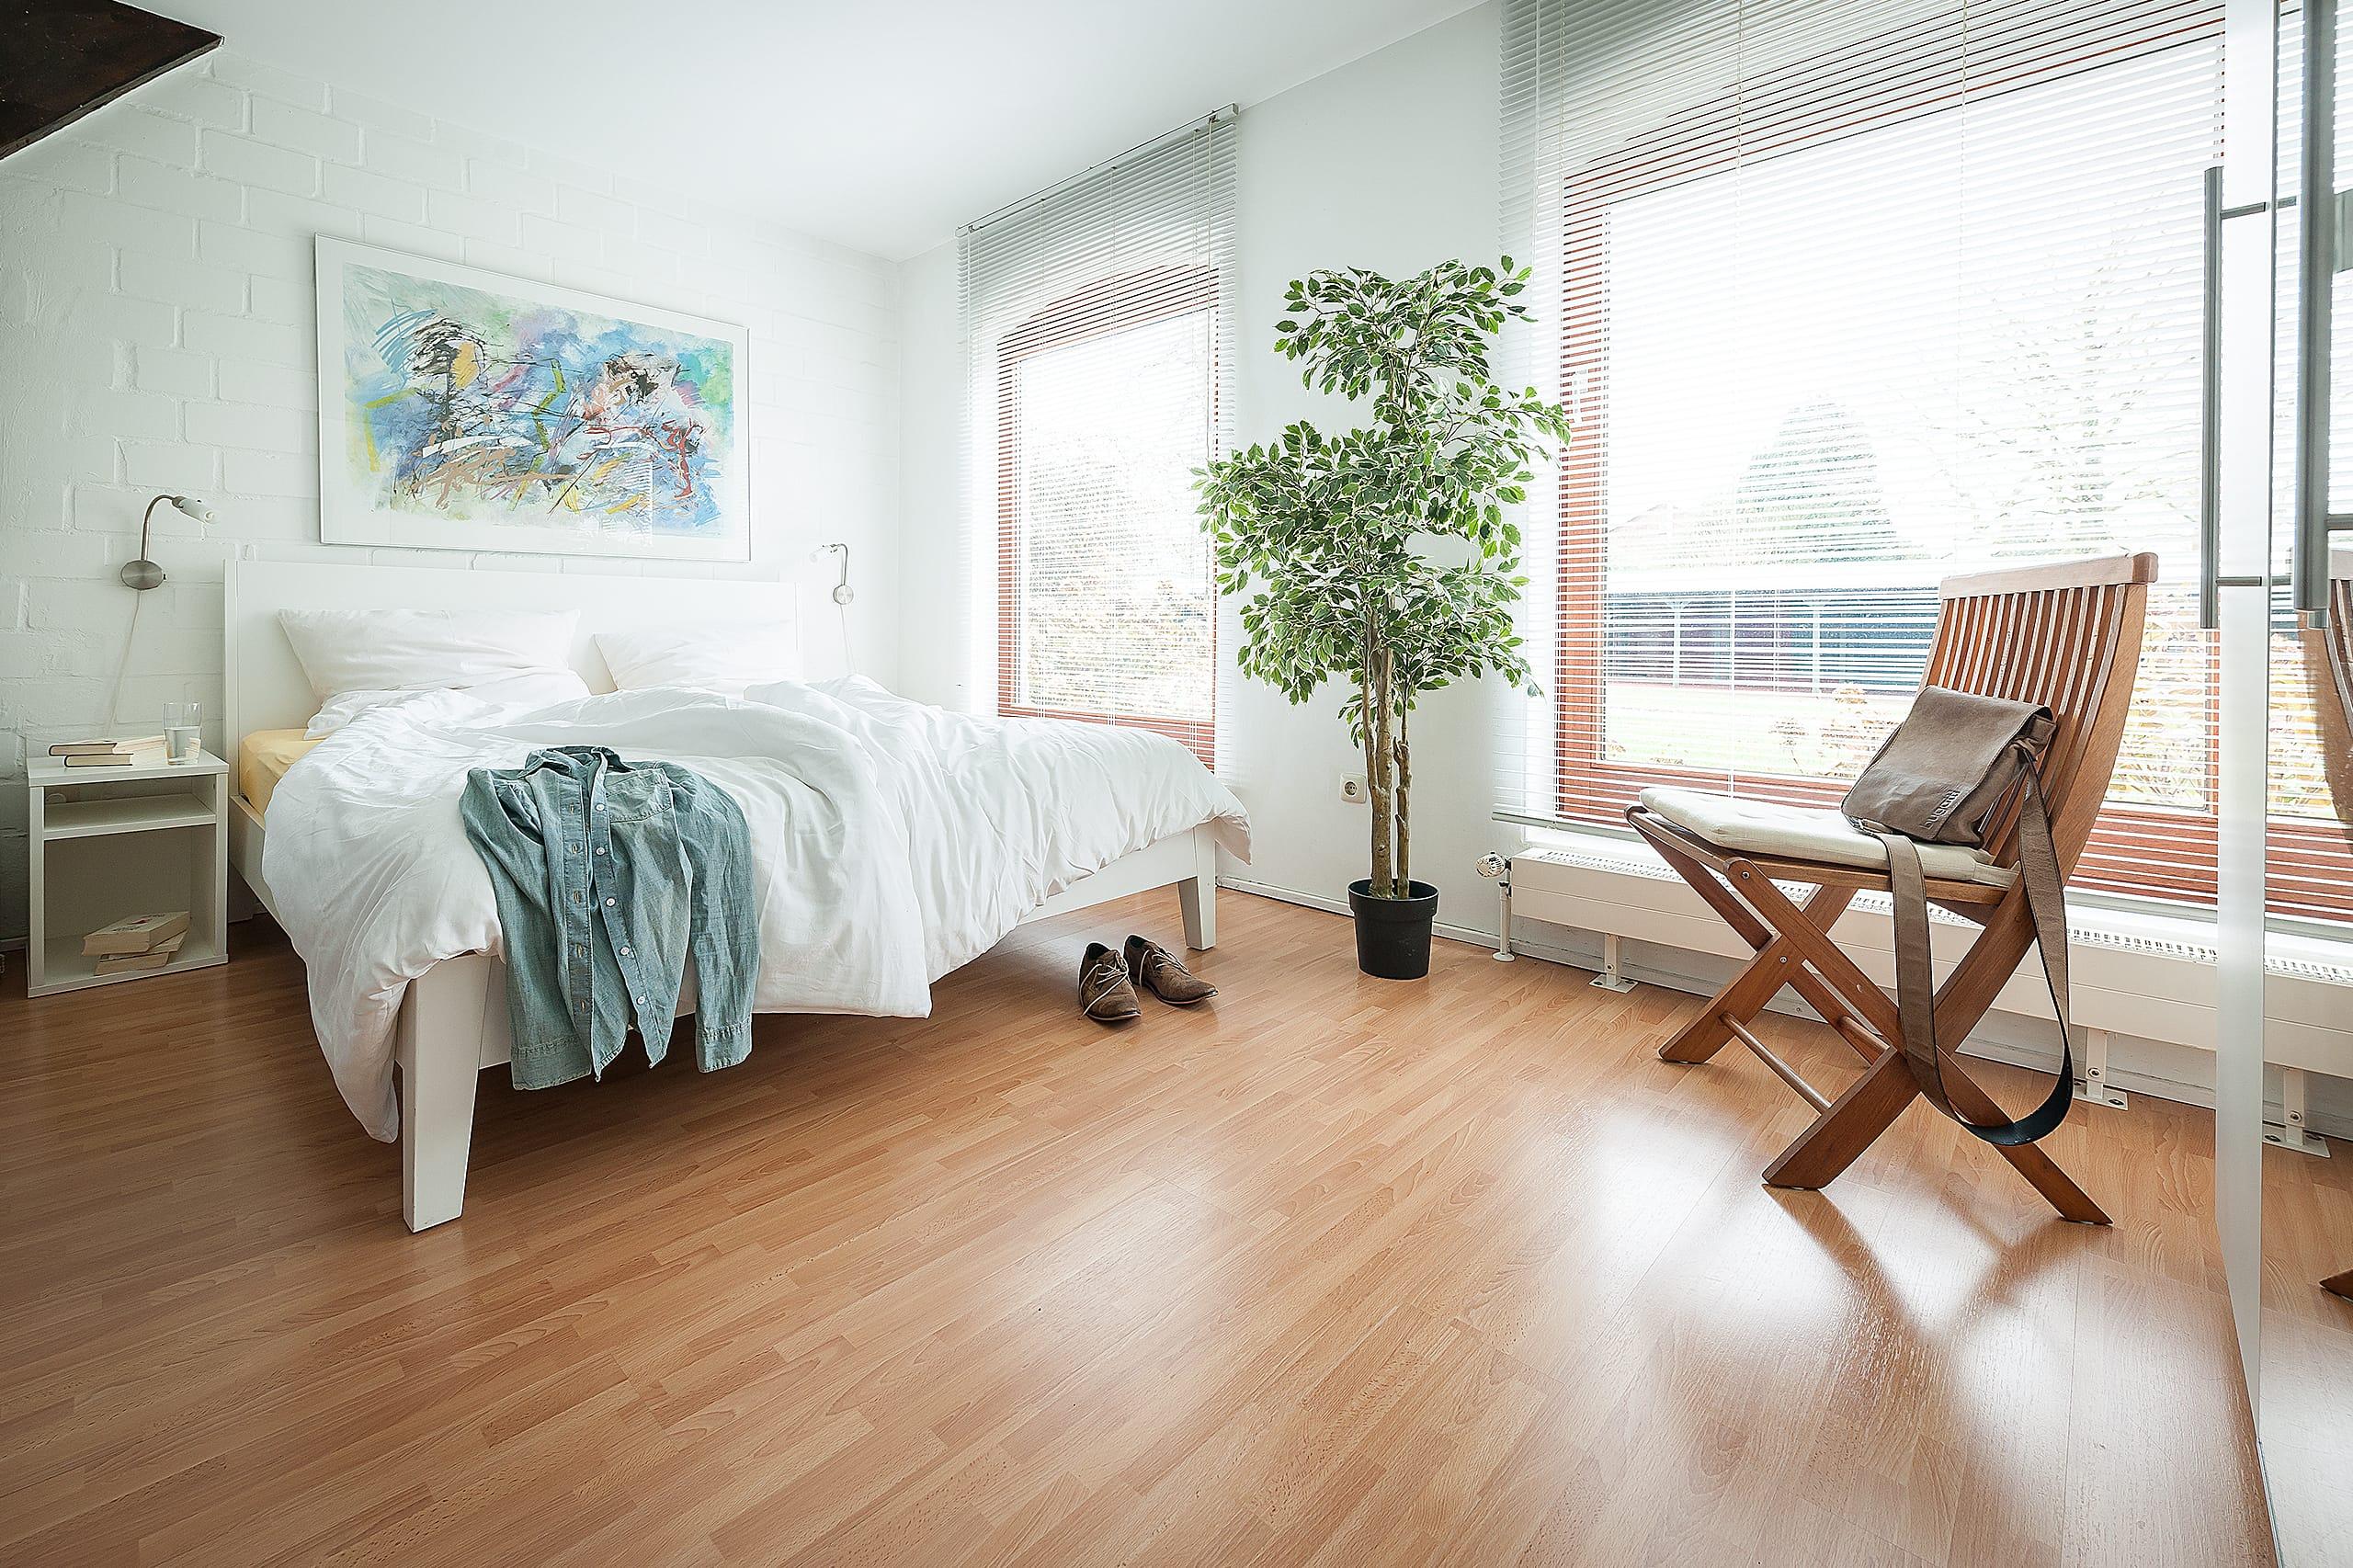 Bennos-Scheune-Scheune-Schlafzimmer